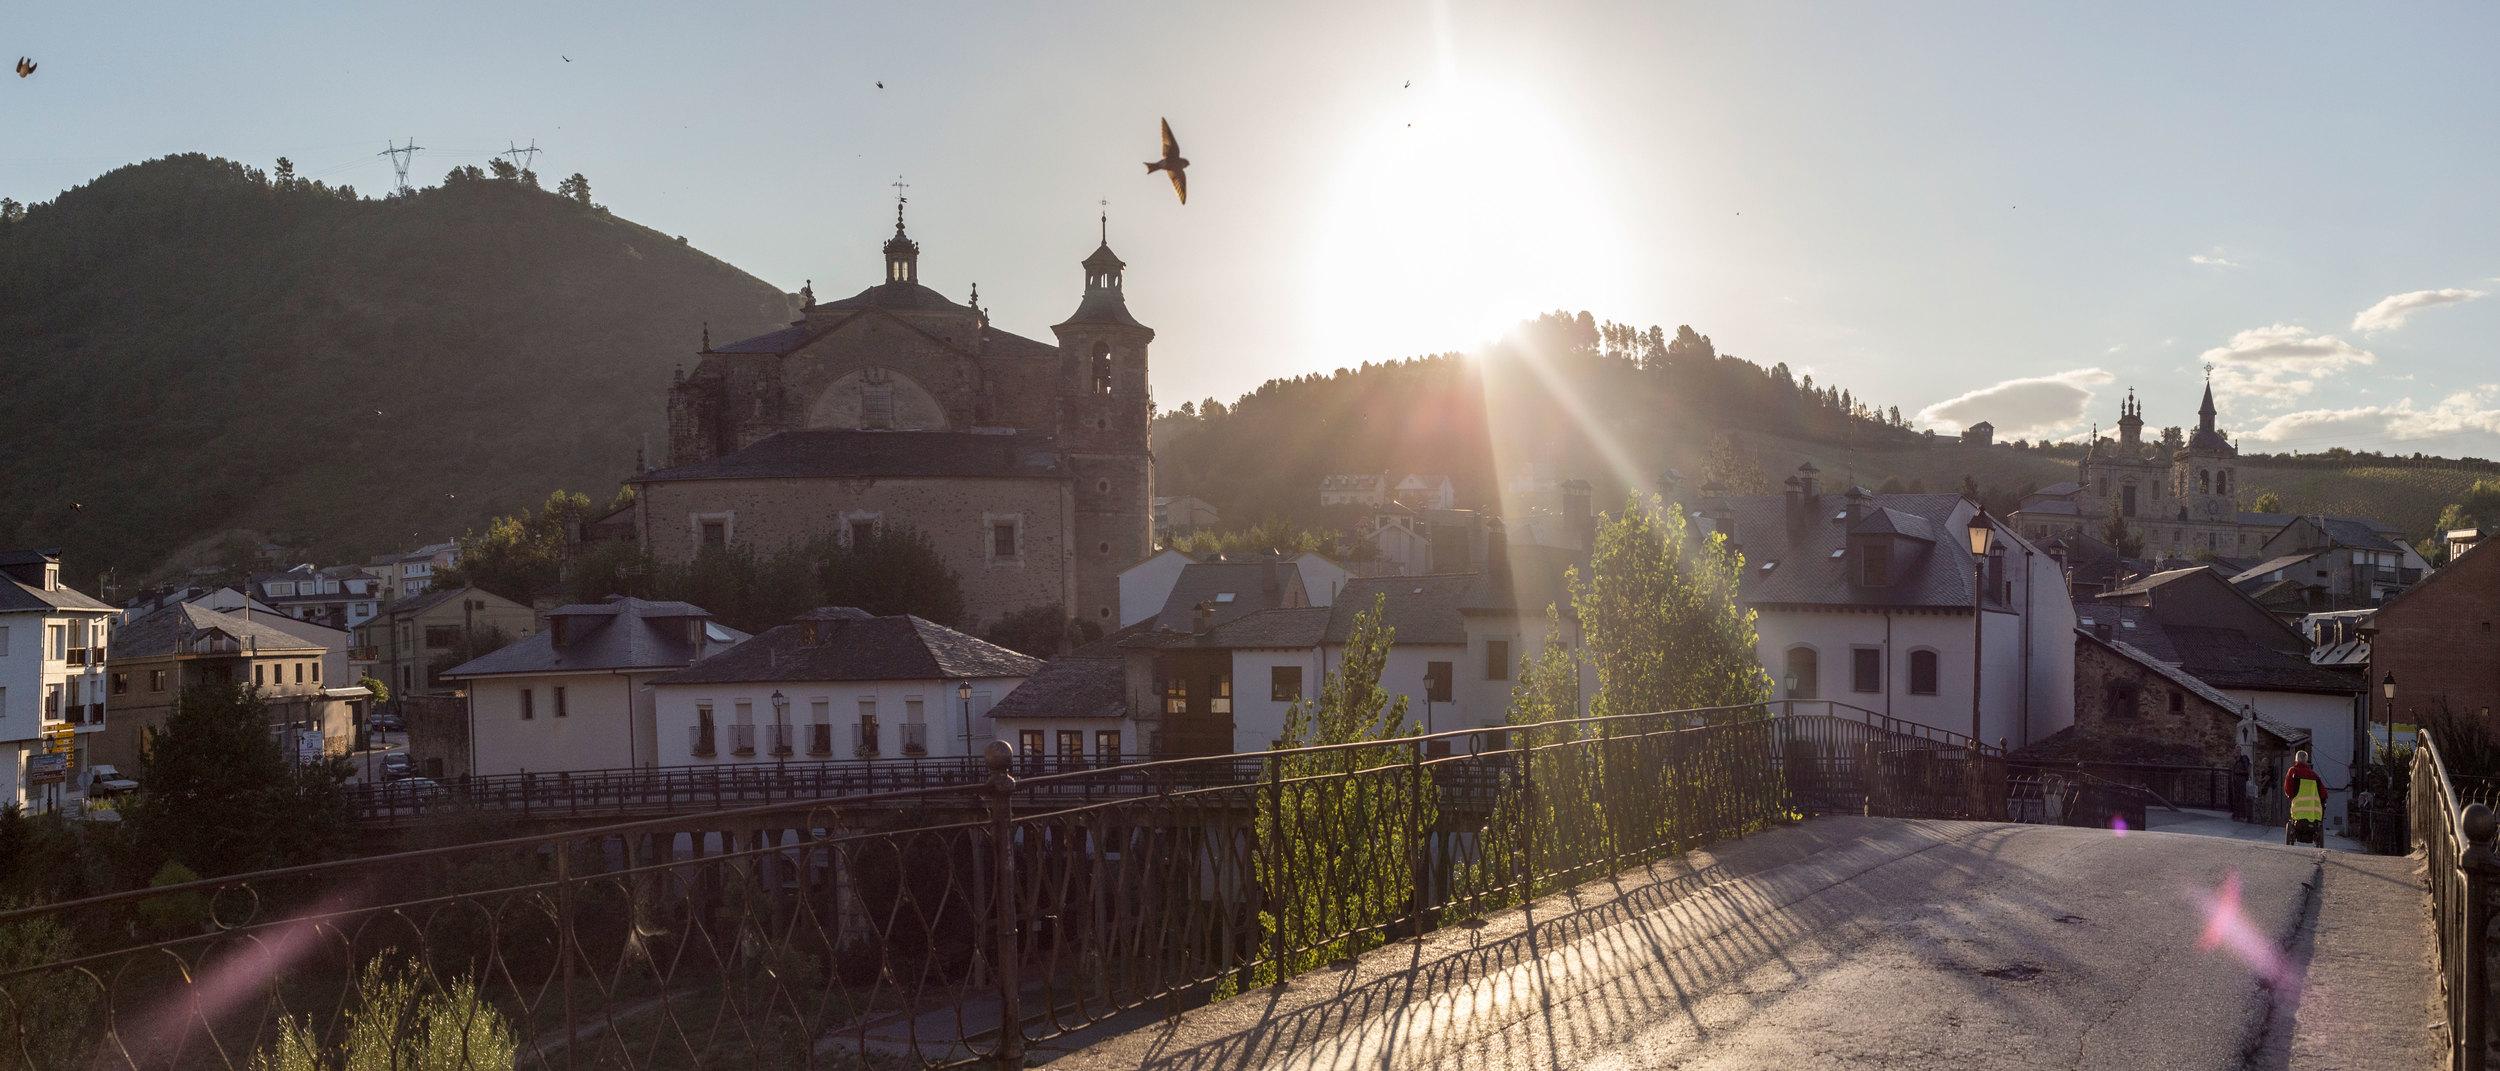 La belleza de Villafranca del Bierzo